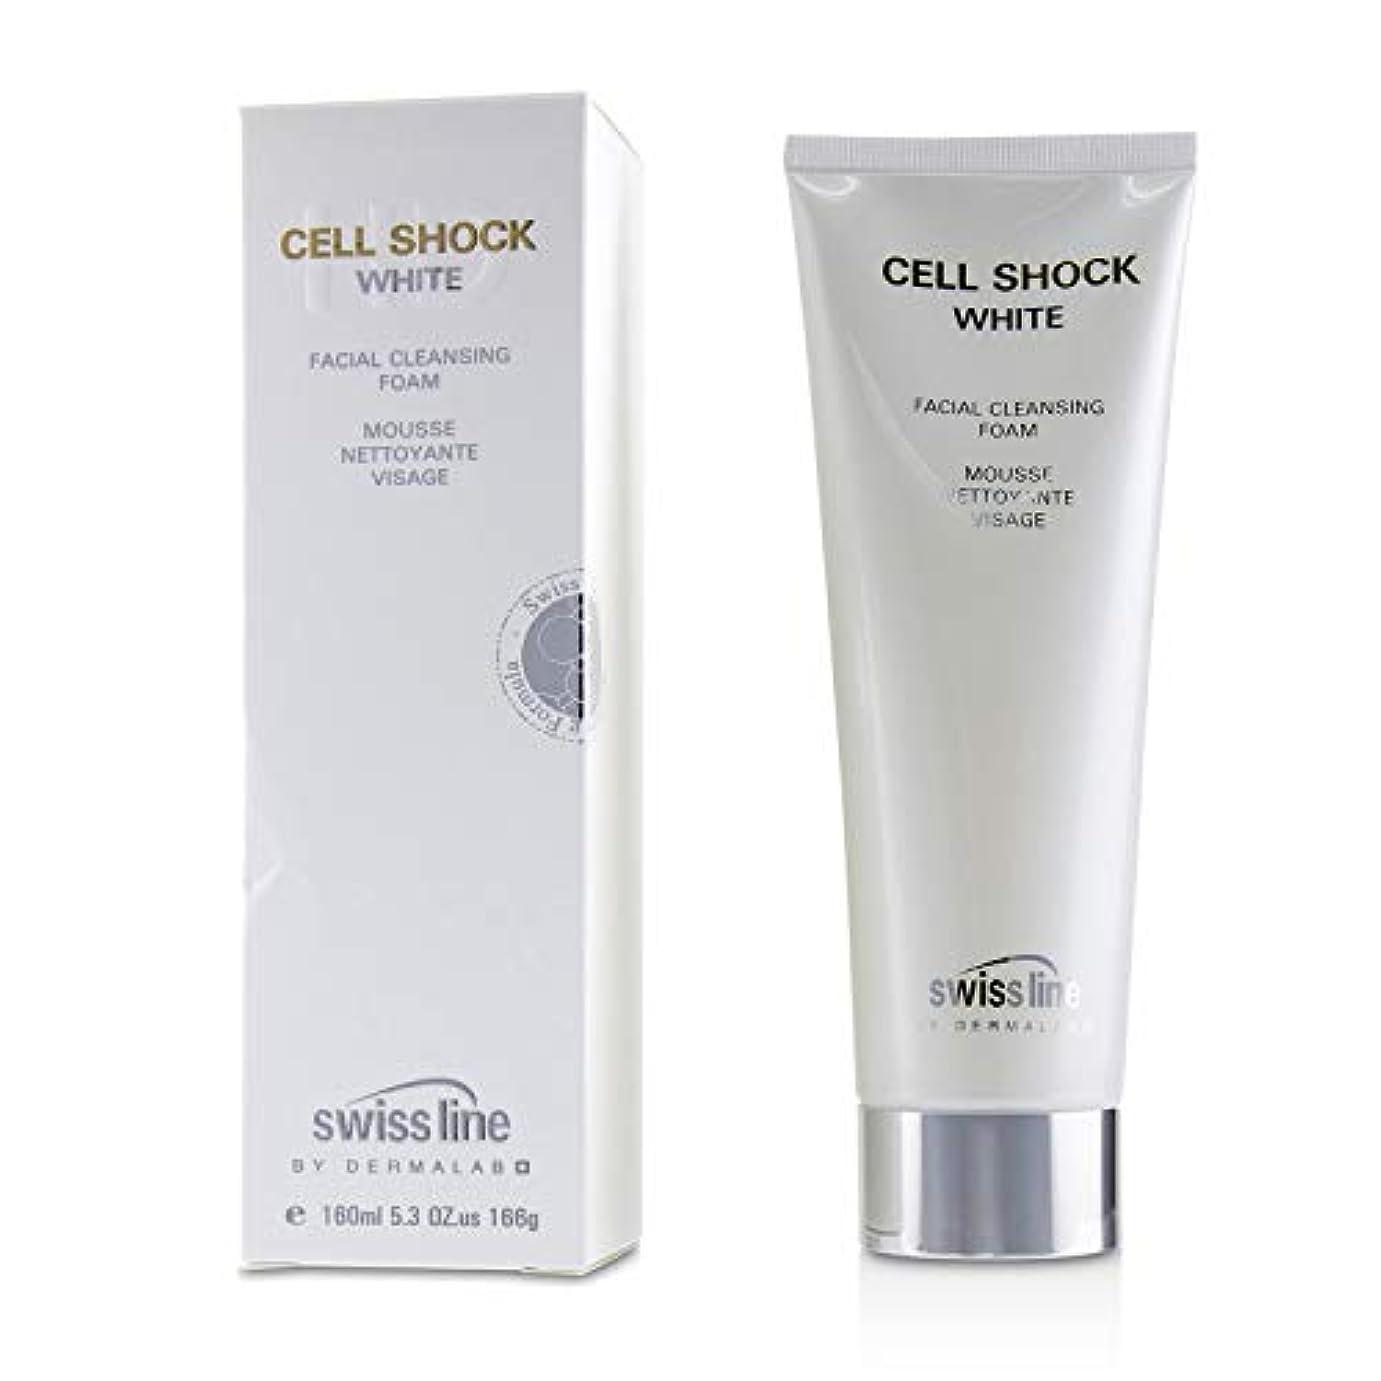 極めて重要なパンフレット肖像画スイスライン Cell Shock White Facial Cleansing Foam 160ml/5.3oz並行輸入品